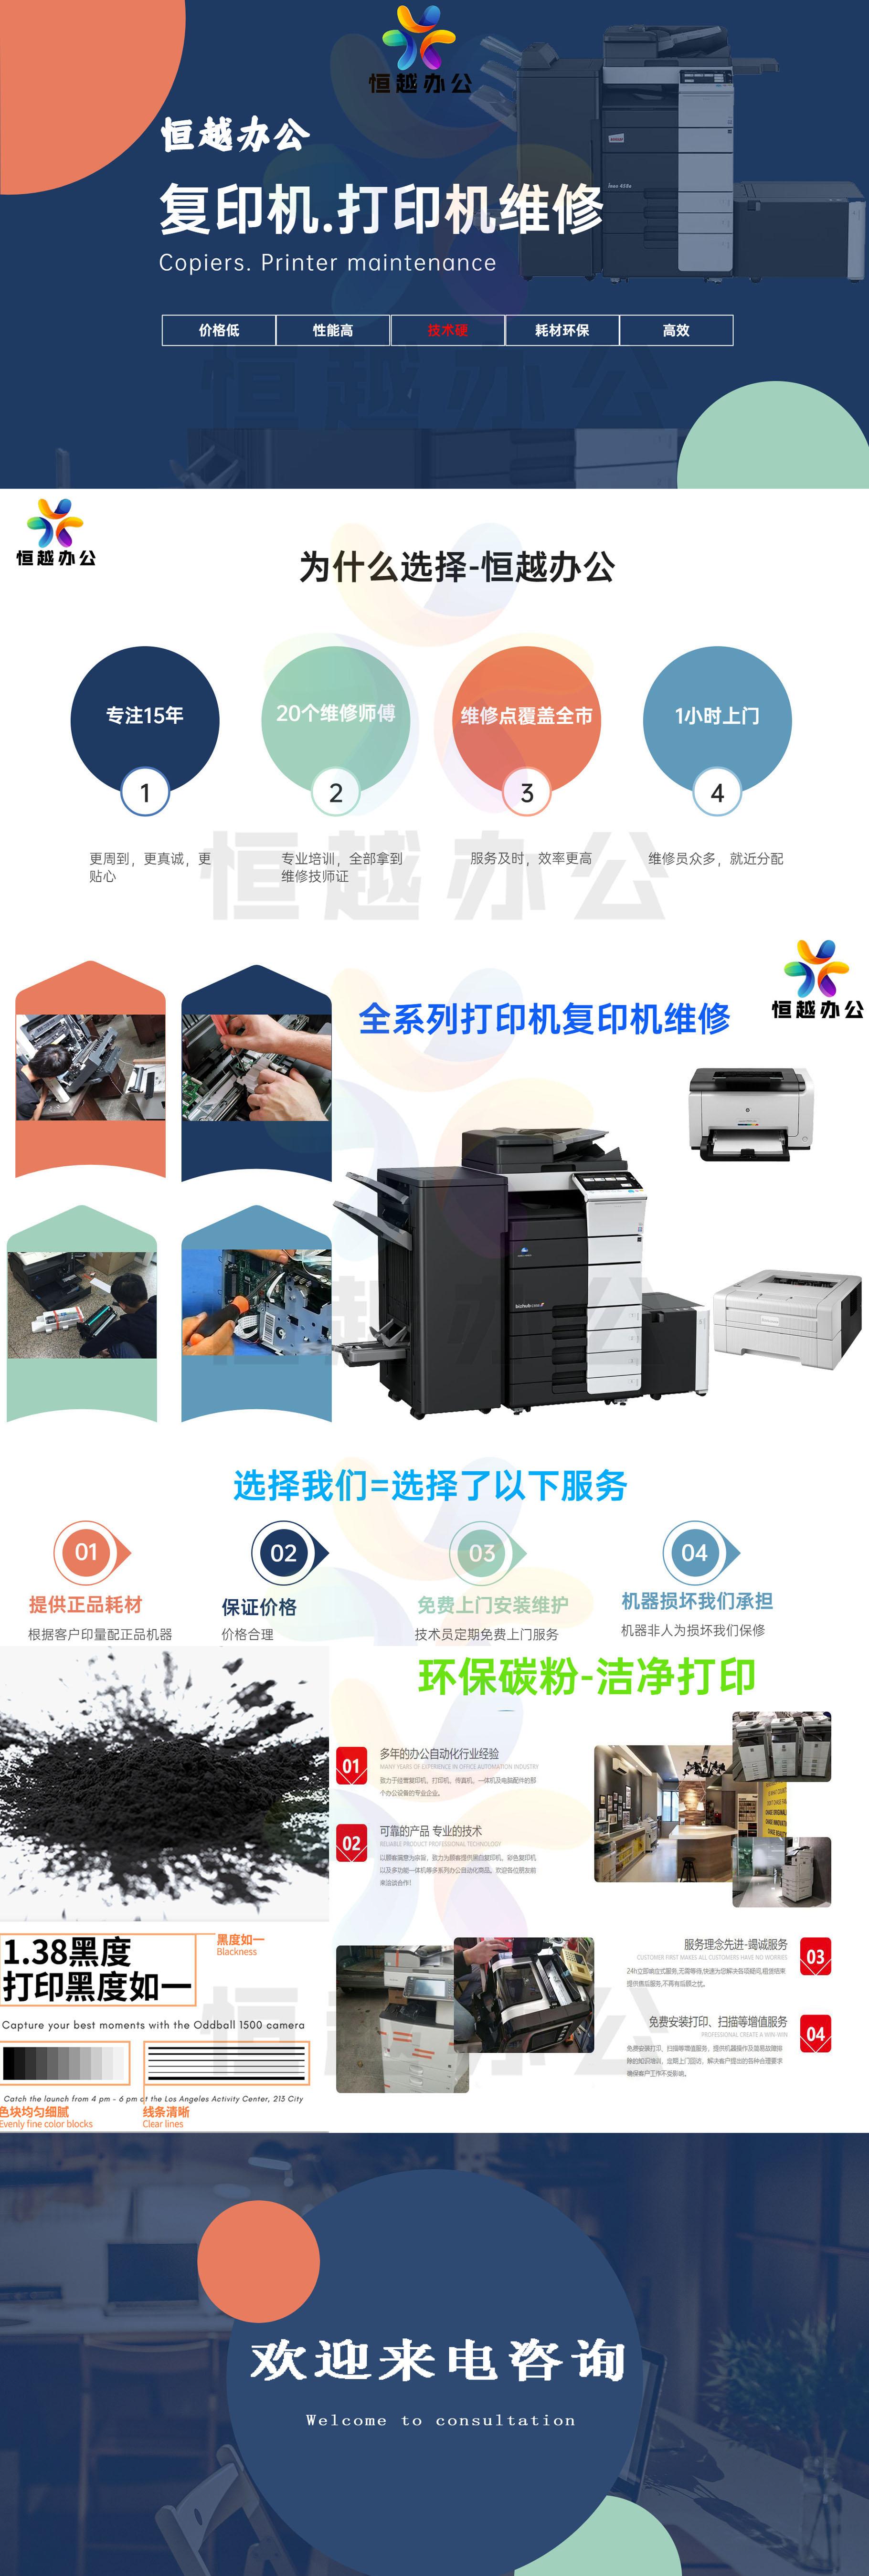 郑州兄弟打印机专业佳能打印机广州官方维修中心,佳能打印机广州官方维修中心 维修哪家好-优质商家